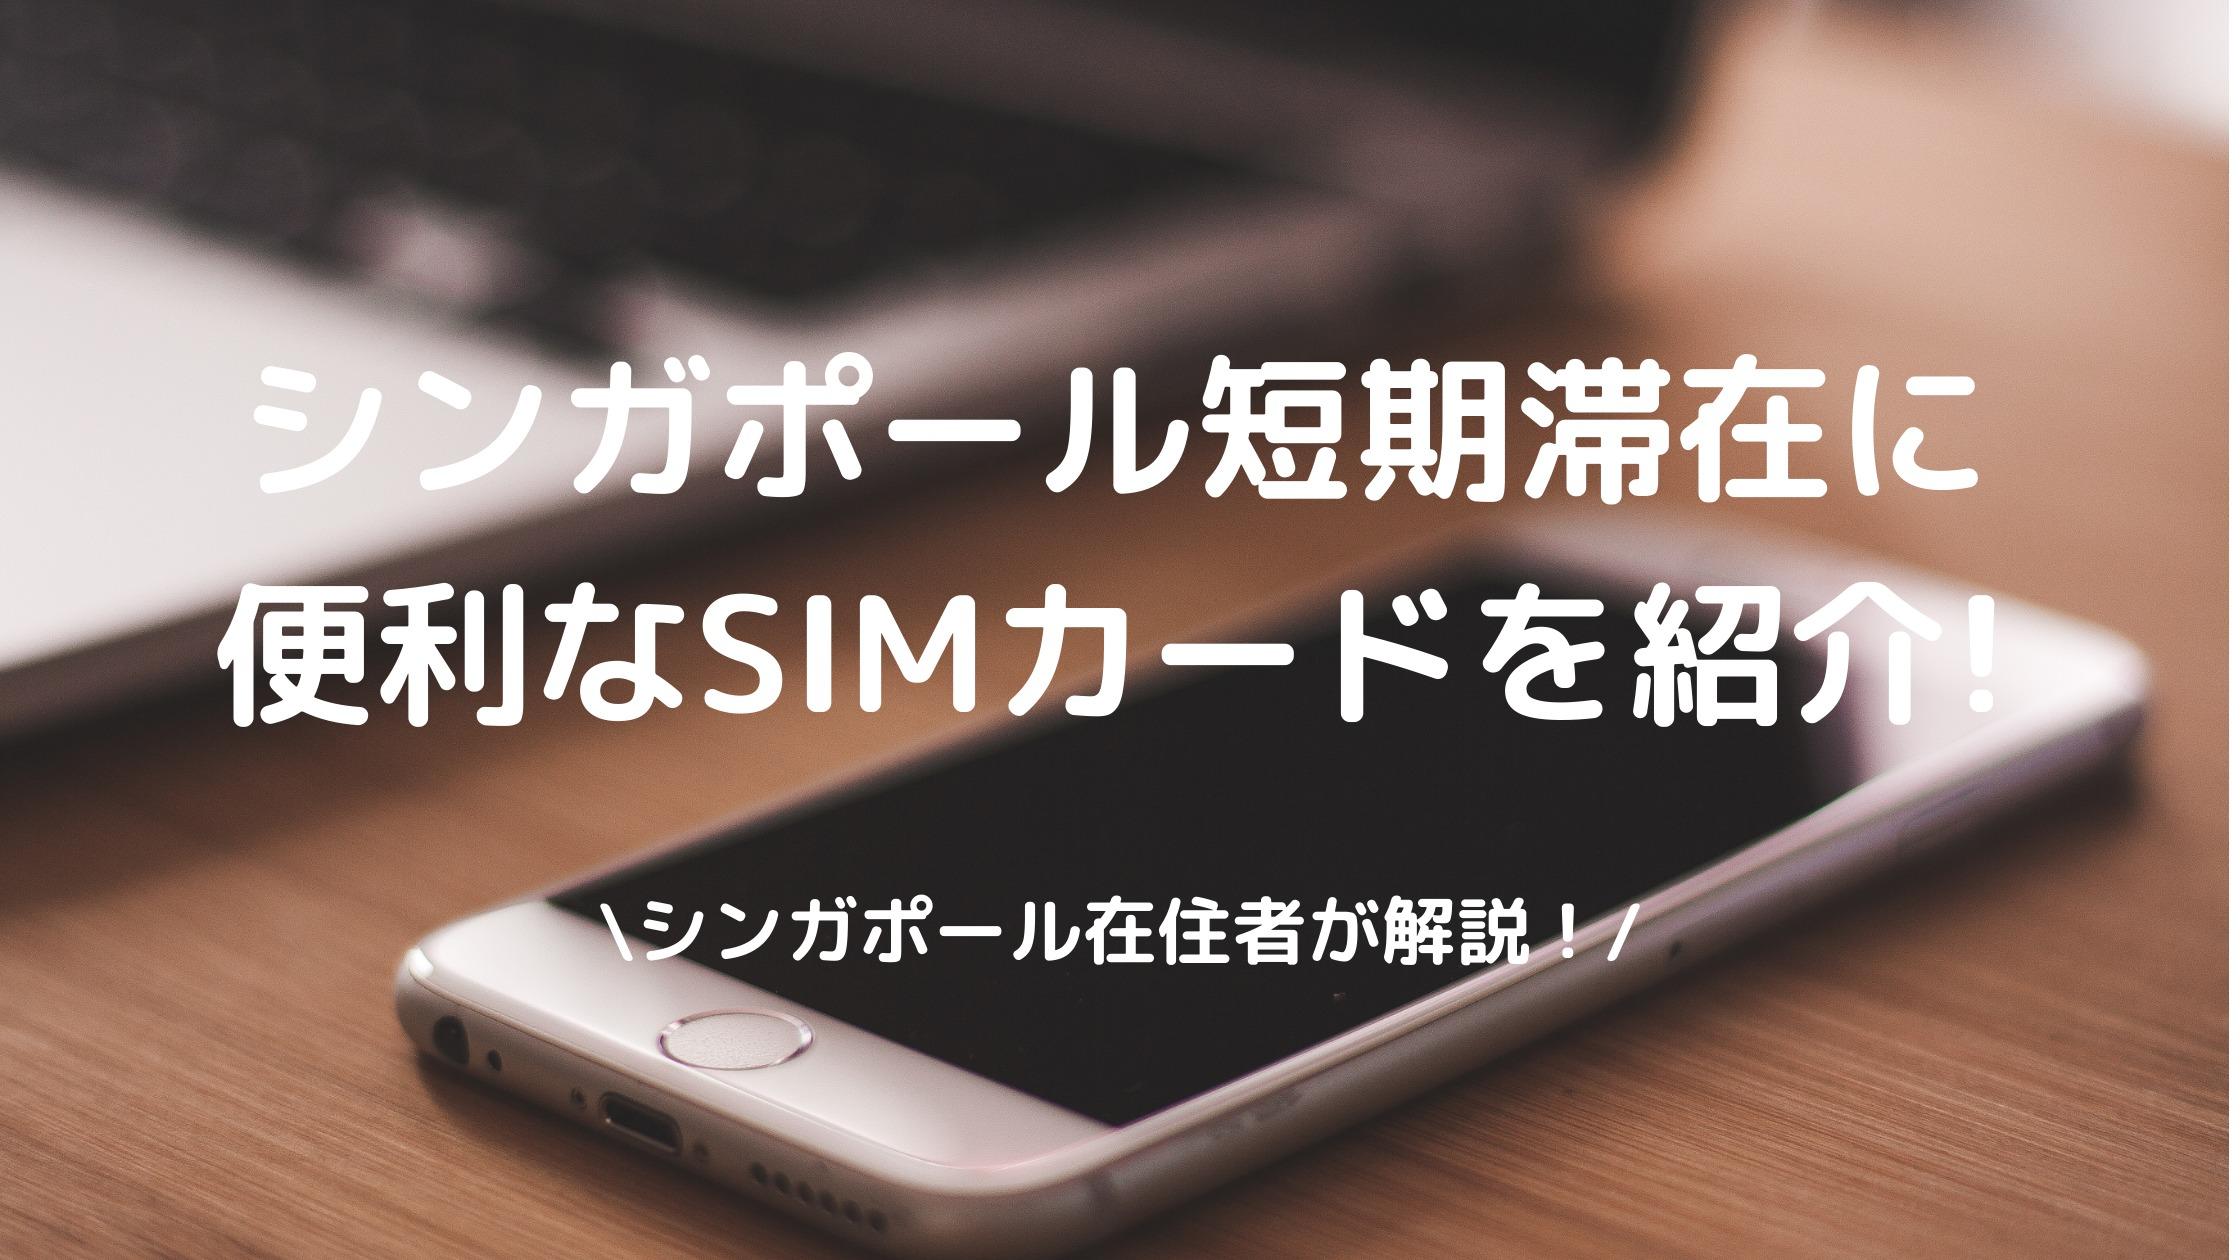 シンガポールのSIMカードを紹介